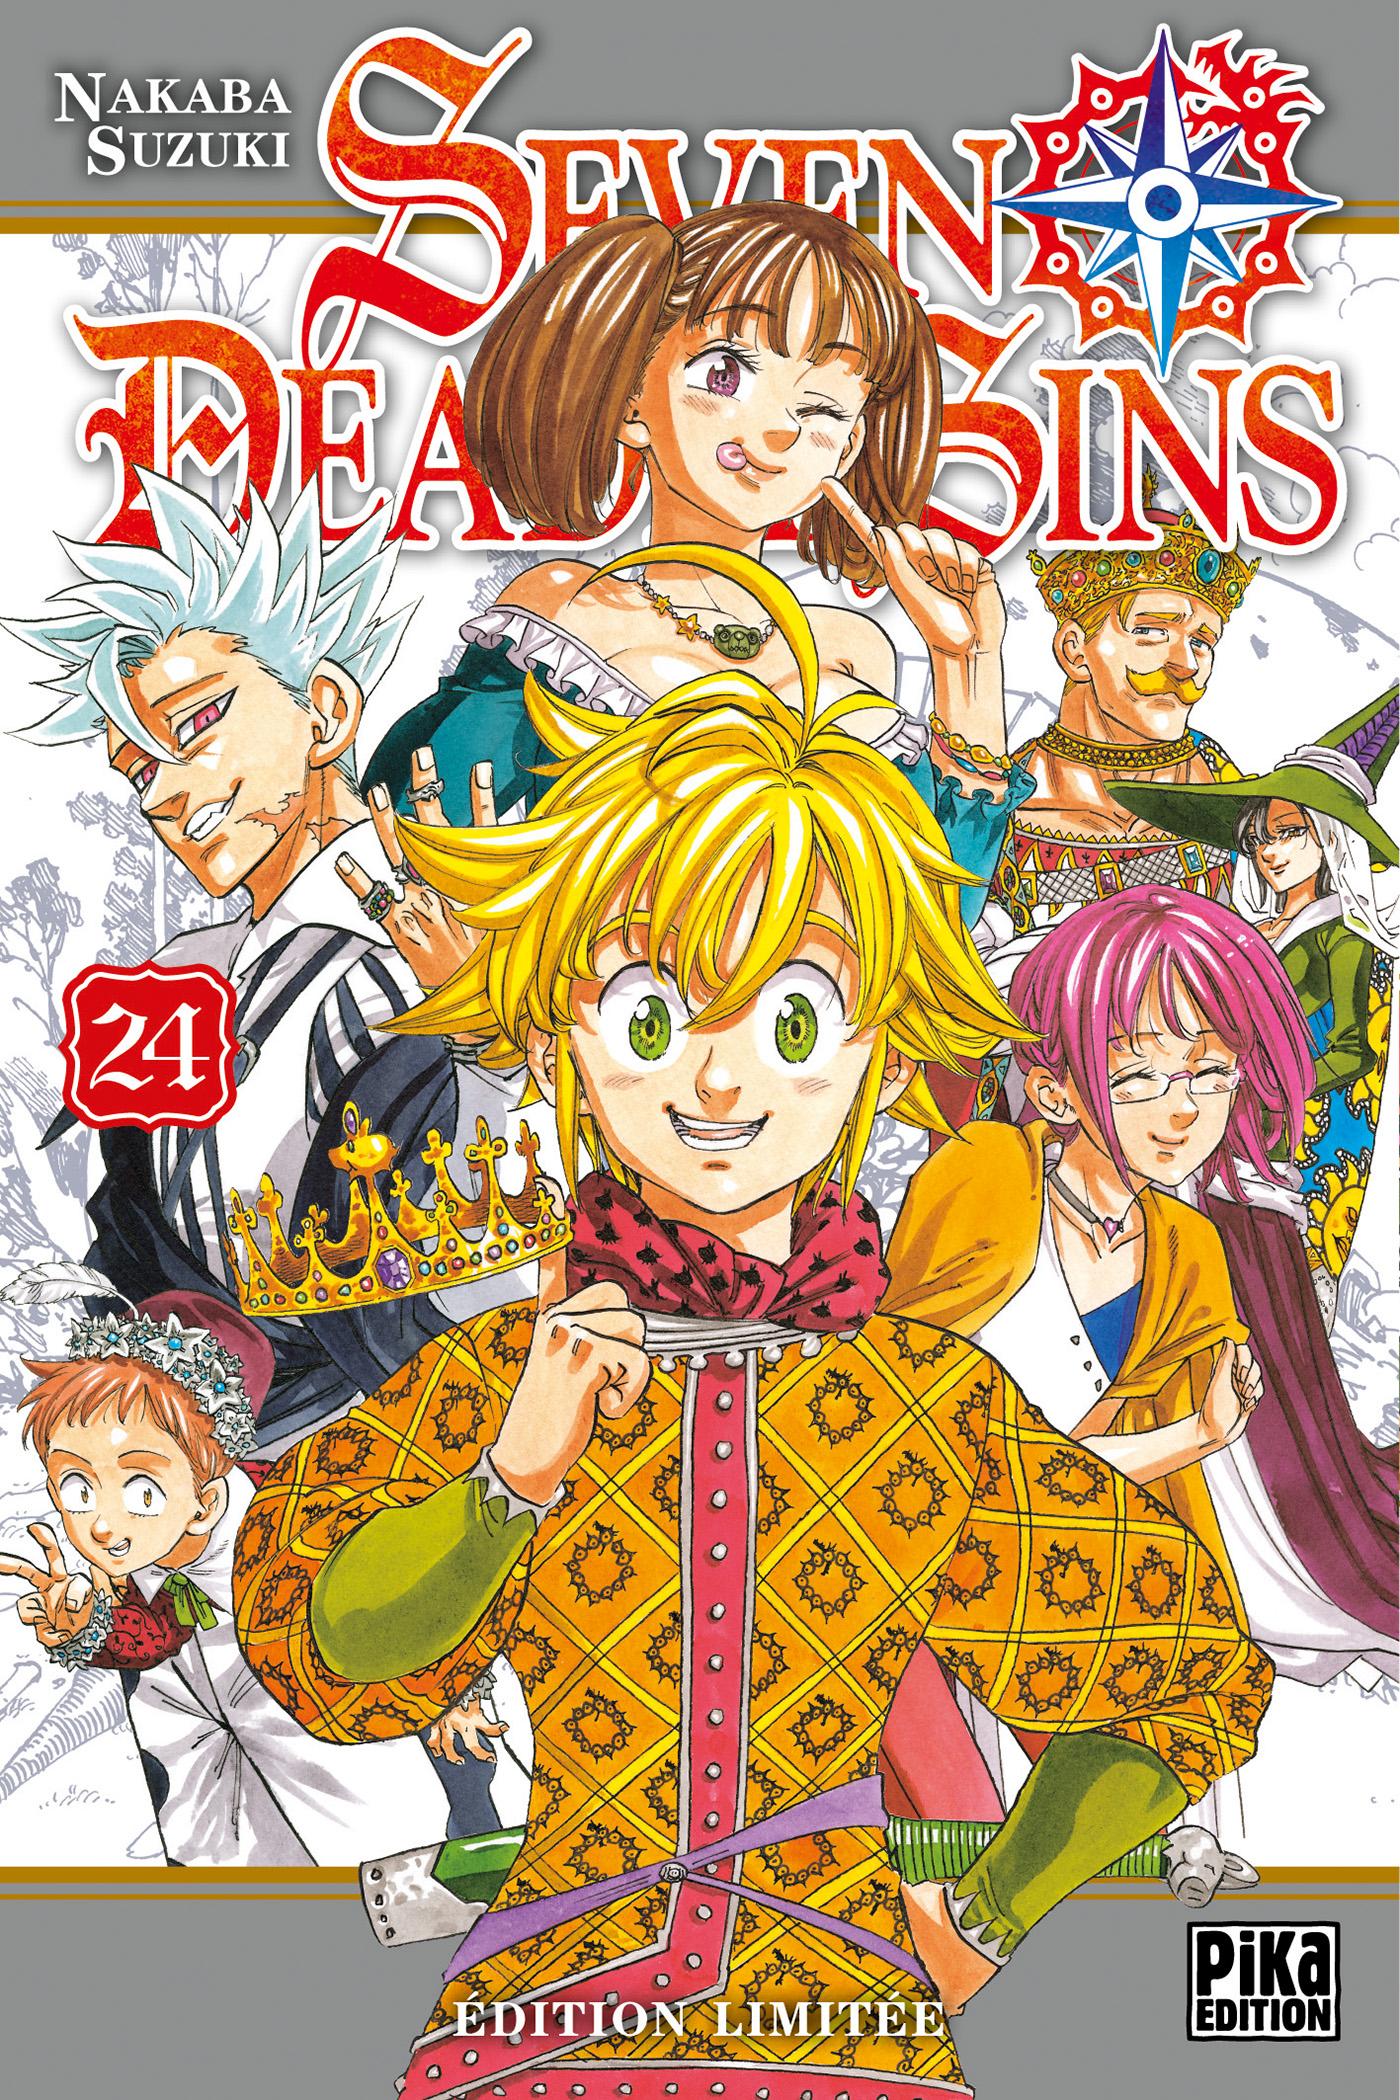 [MANGA/ANIME] Seven Deadly Sins (Nanatsu no Taizai) Seven-deadly-sins-manga-volume-24-edition-limitee-290693